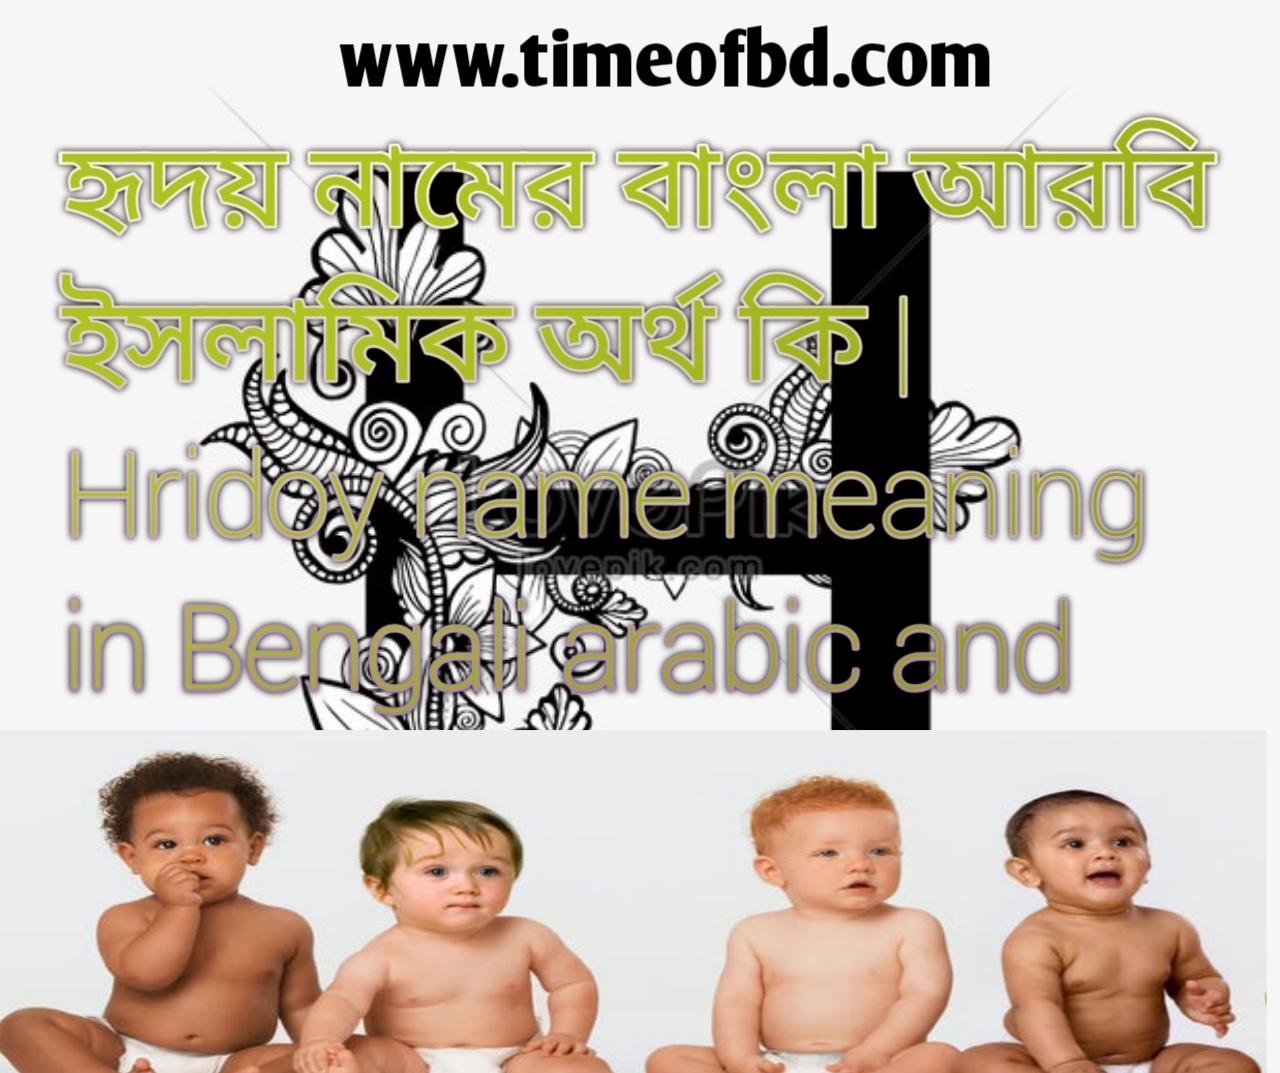 হৃদয় নামের অর্থ কি, হৃদয় নামের বাংলা অর্থ কি, হৃদয় নামের ইসলামিক অর্থ কি, Hridoy name in Bengali, হৃদয় কি ইসলামিক নাম,